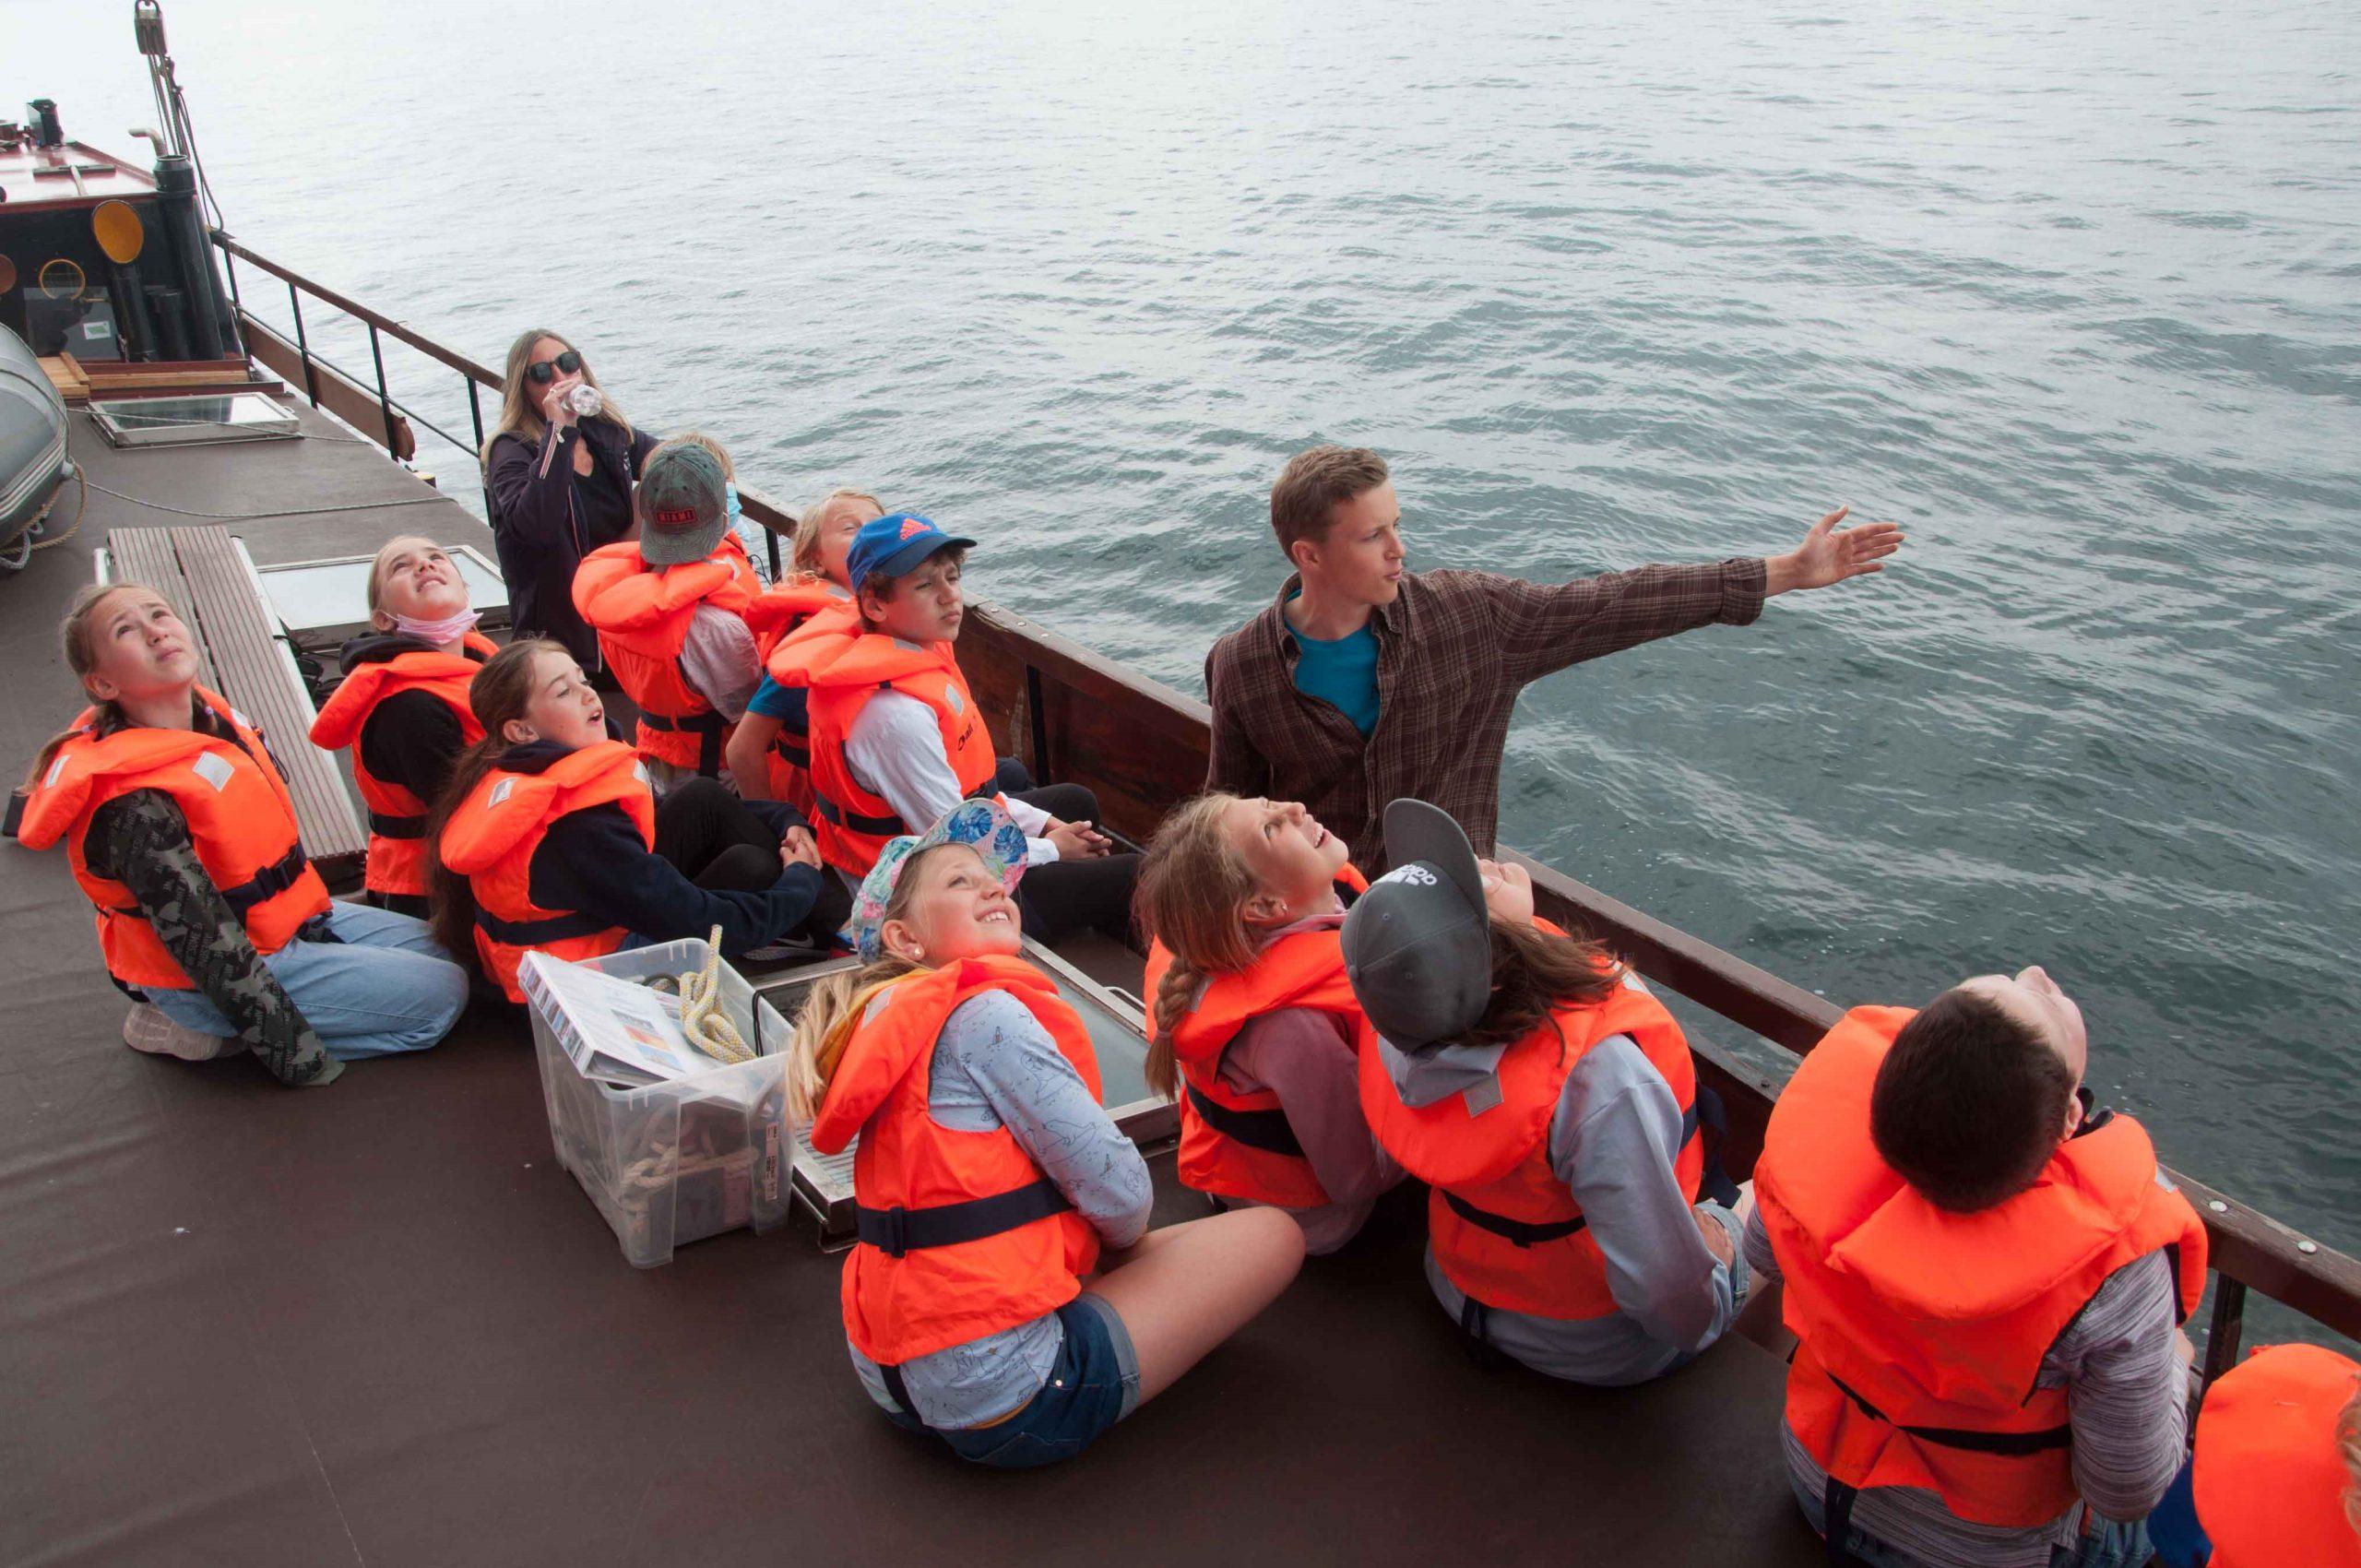 Wo Marc hier hinzeigt, bleibt dem Betrachter ein Rätsel. Sein gestreckter Arm zeigt wahrscheinlich zum Kieler Leuchtturm, aber seine jungen Zuhörer schauen alle nach oben.